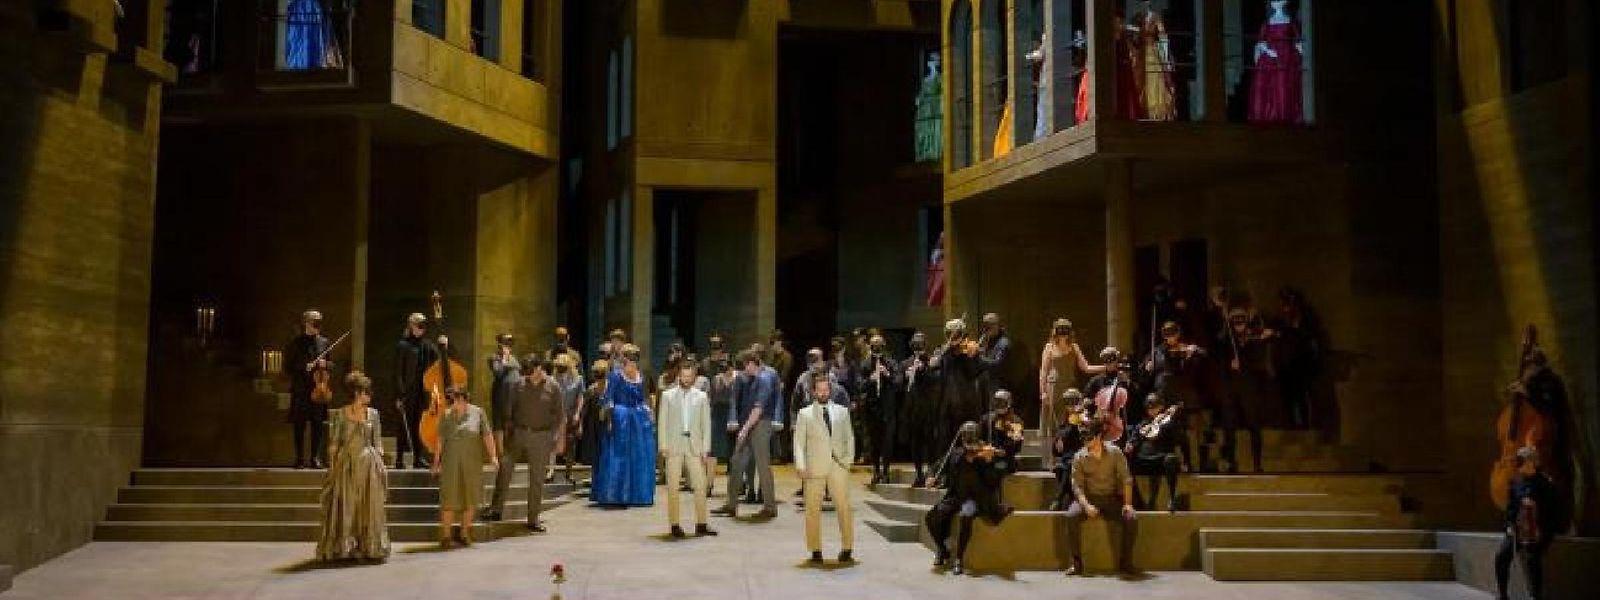 Le metteur en scène Ivo van Hove investit une rue de Séville où Don Giovanni et ses adversaires se rencontrent.